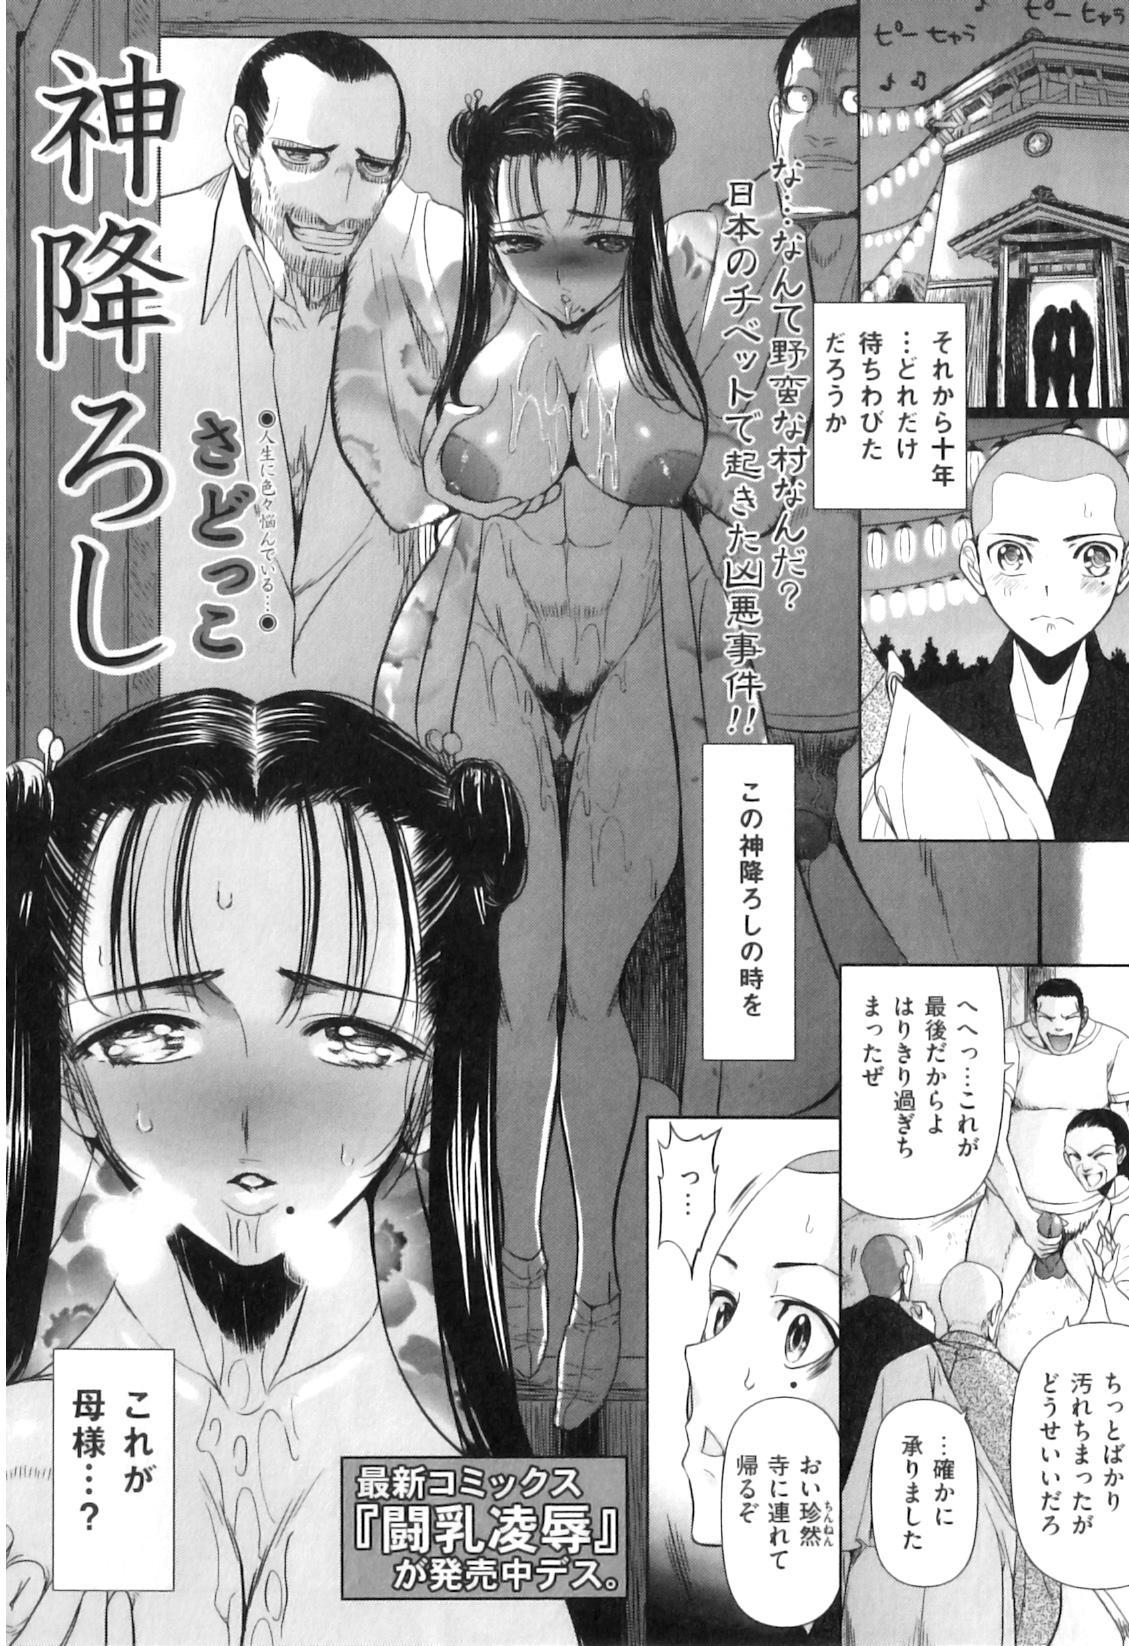 COMIC Juuyoku Vol. 07 30